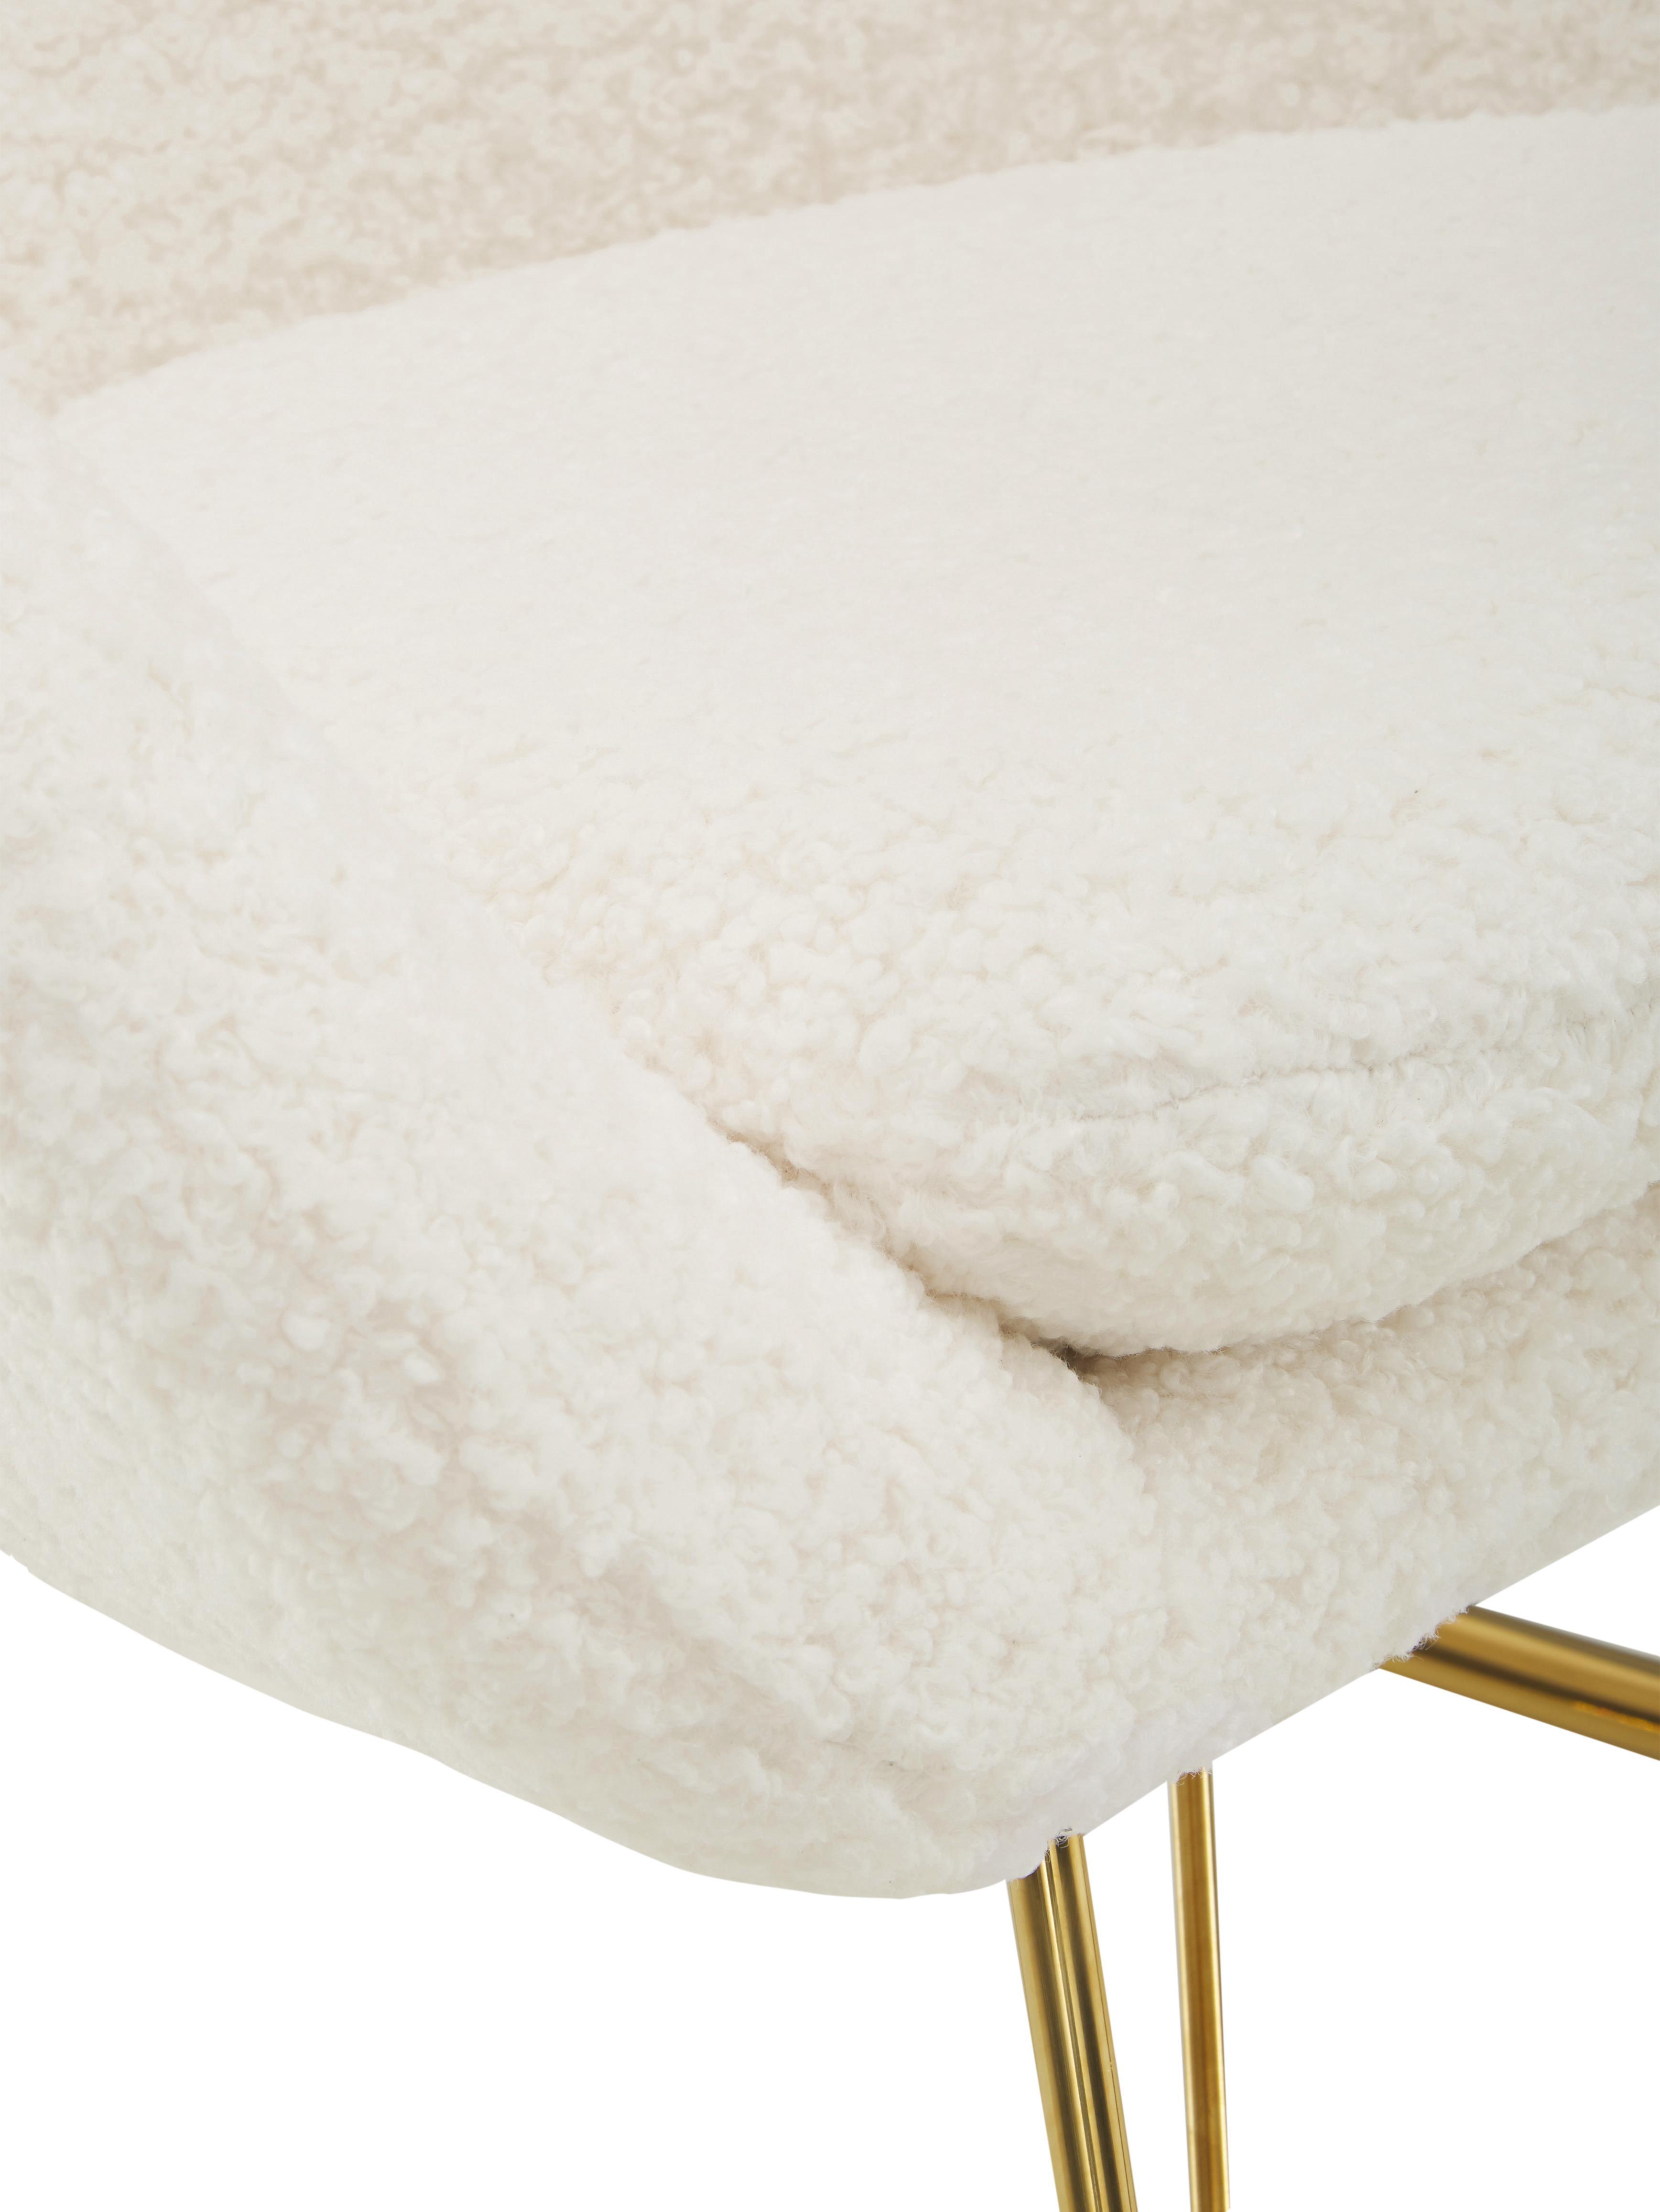 Sedia a dondolo in tessuto teddy Wing, Rivestimento: poliestere (teddy), Struttura: metallo zincato, Tessuto bianco crema, Larg. 77 x Prof. 96 cm